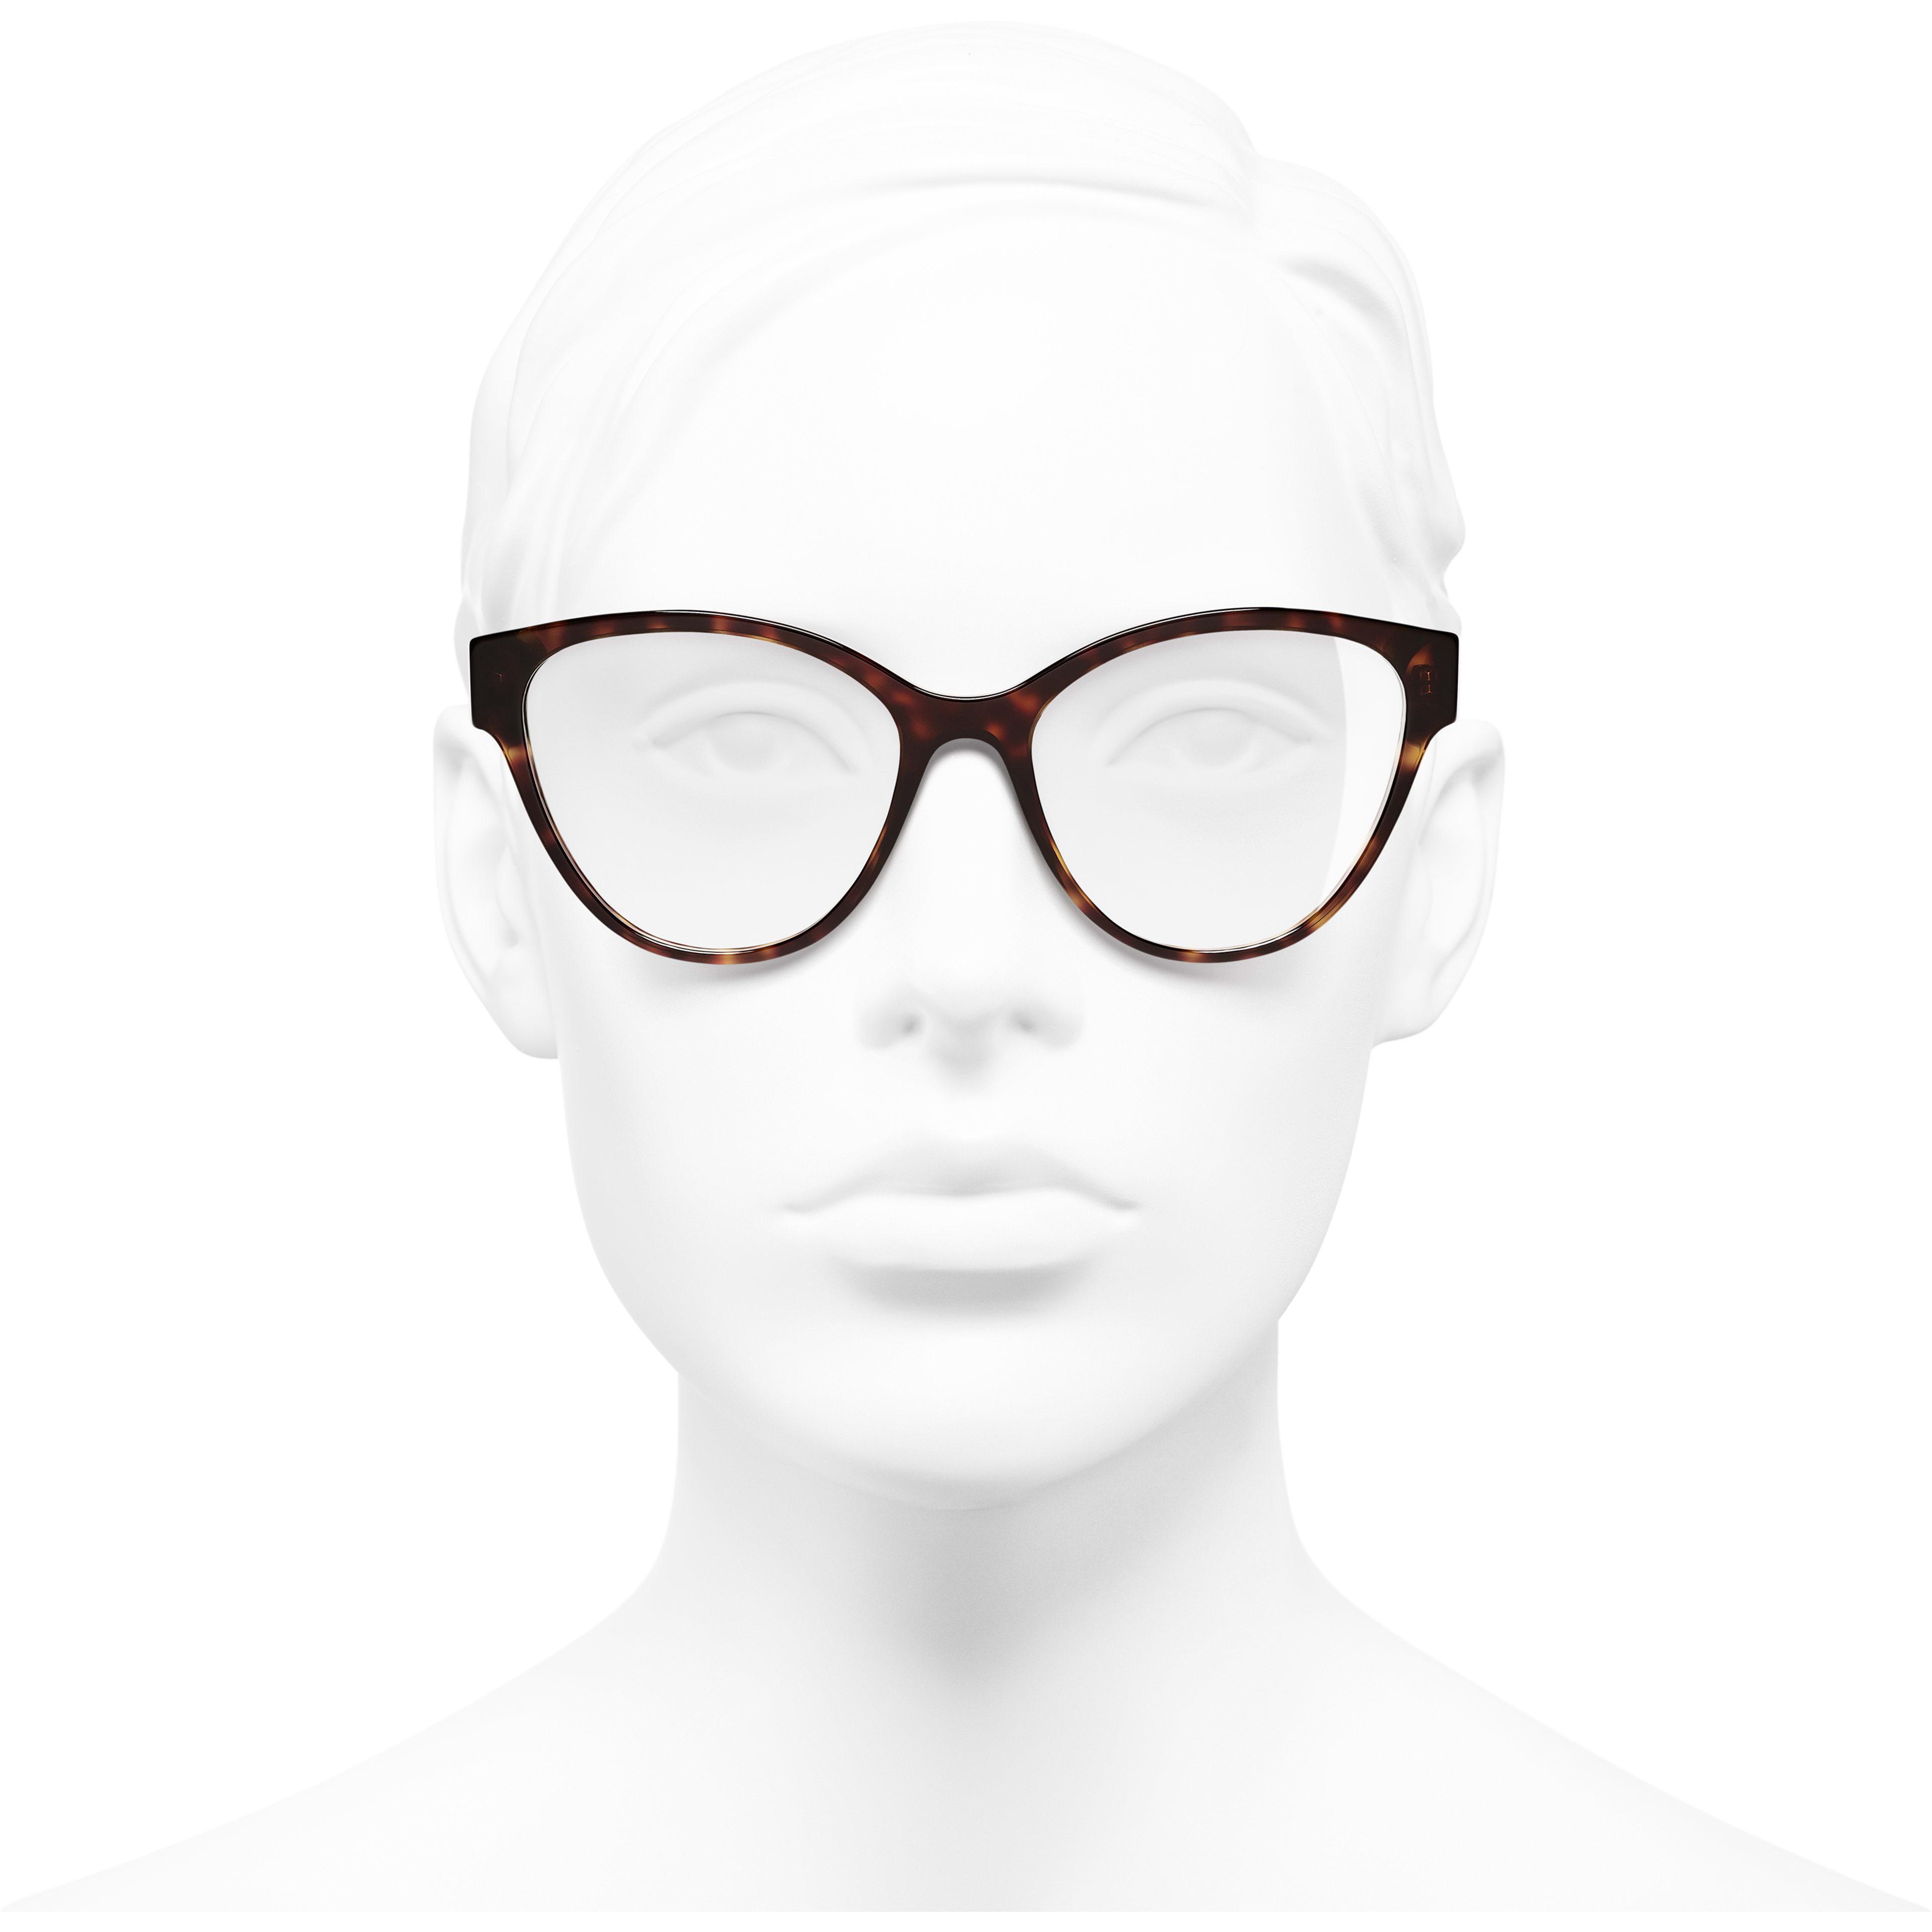 Óculos Felinos - Dark Tortoise - Acetate - CHANEL - Vista de frente - ver a versão em tamanho standard